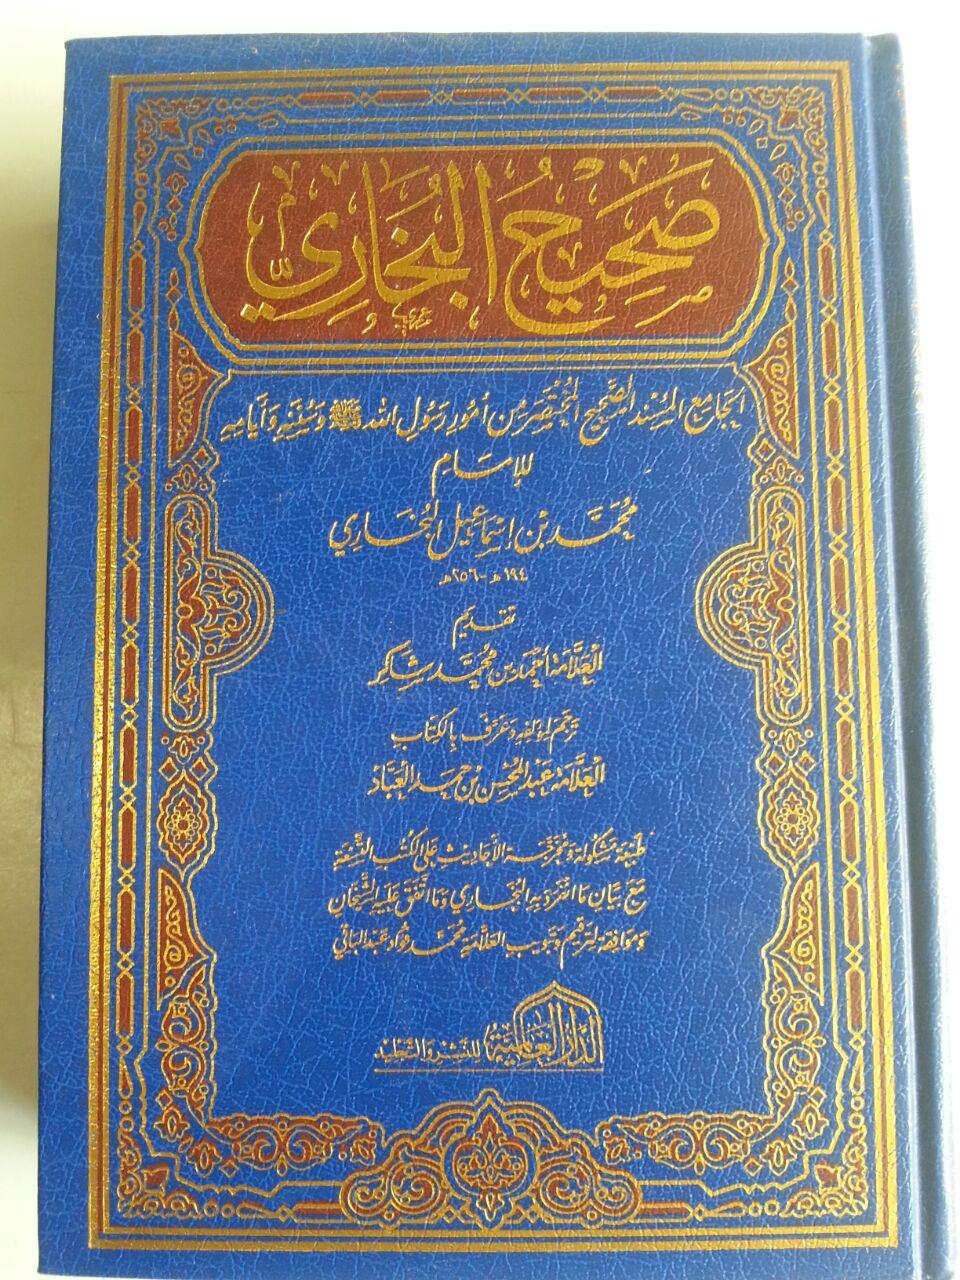 Kitab Shahih Al-Bukhari cover